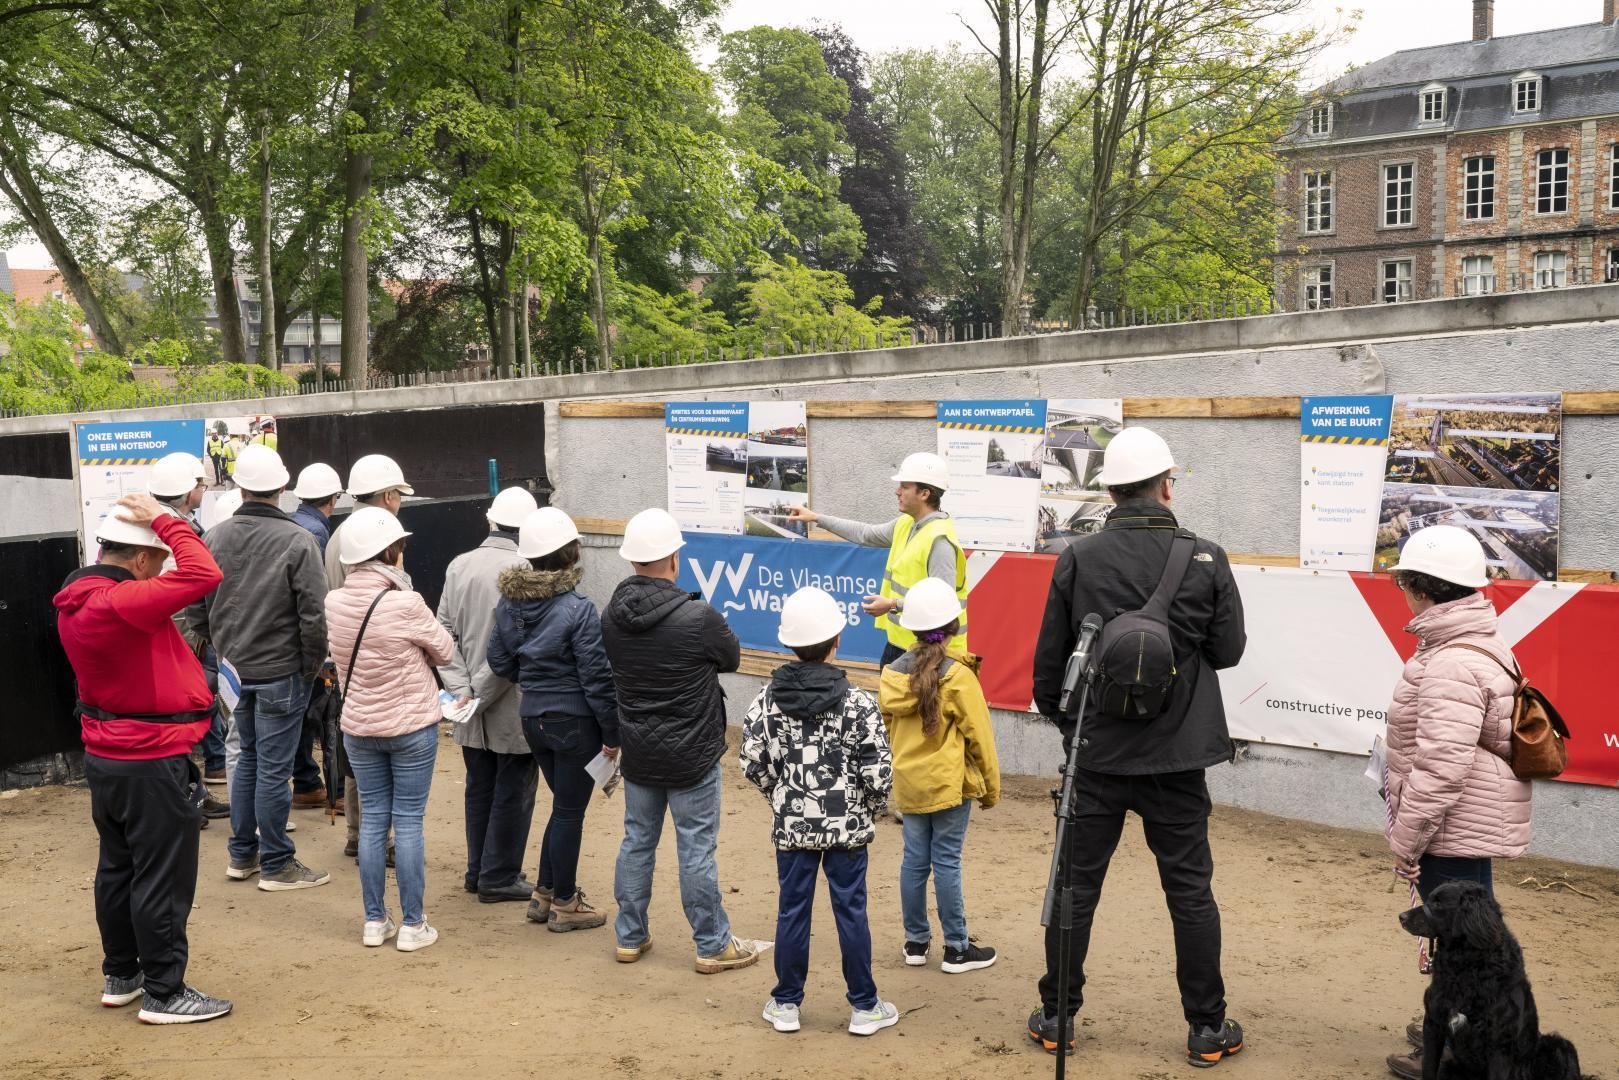 2.250 bezoekers genoten van een leerrijke wandeling over en onder de brug